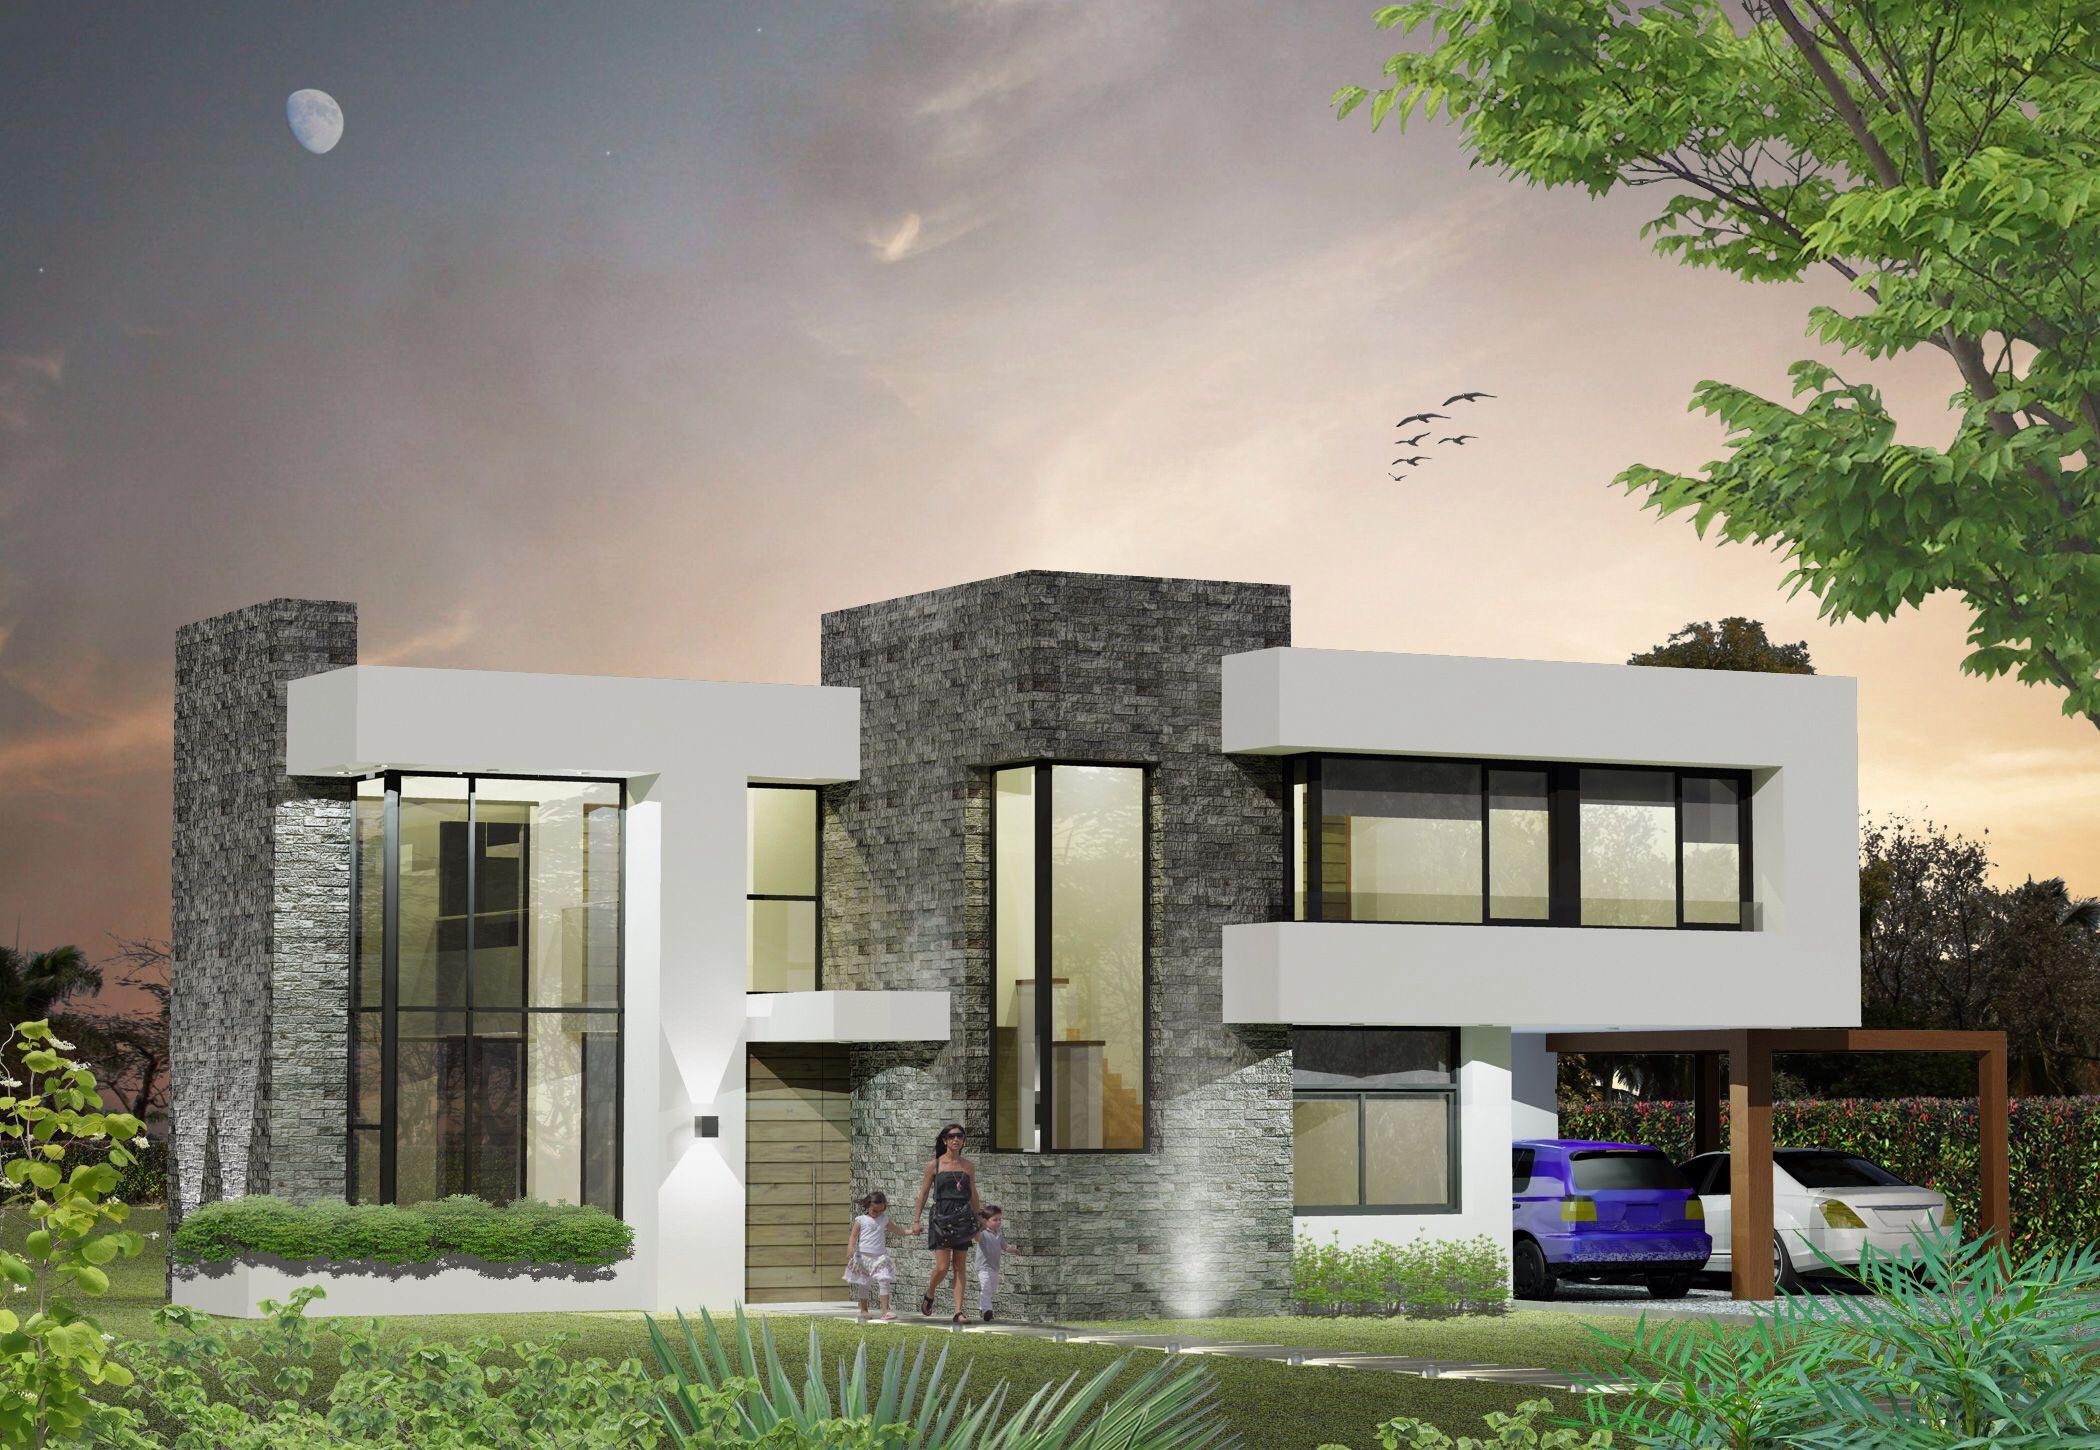 Arquitectura contempor nea moderna uruguay bazzurro for Casa minimalista uy